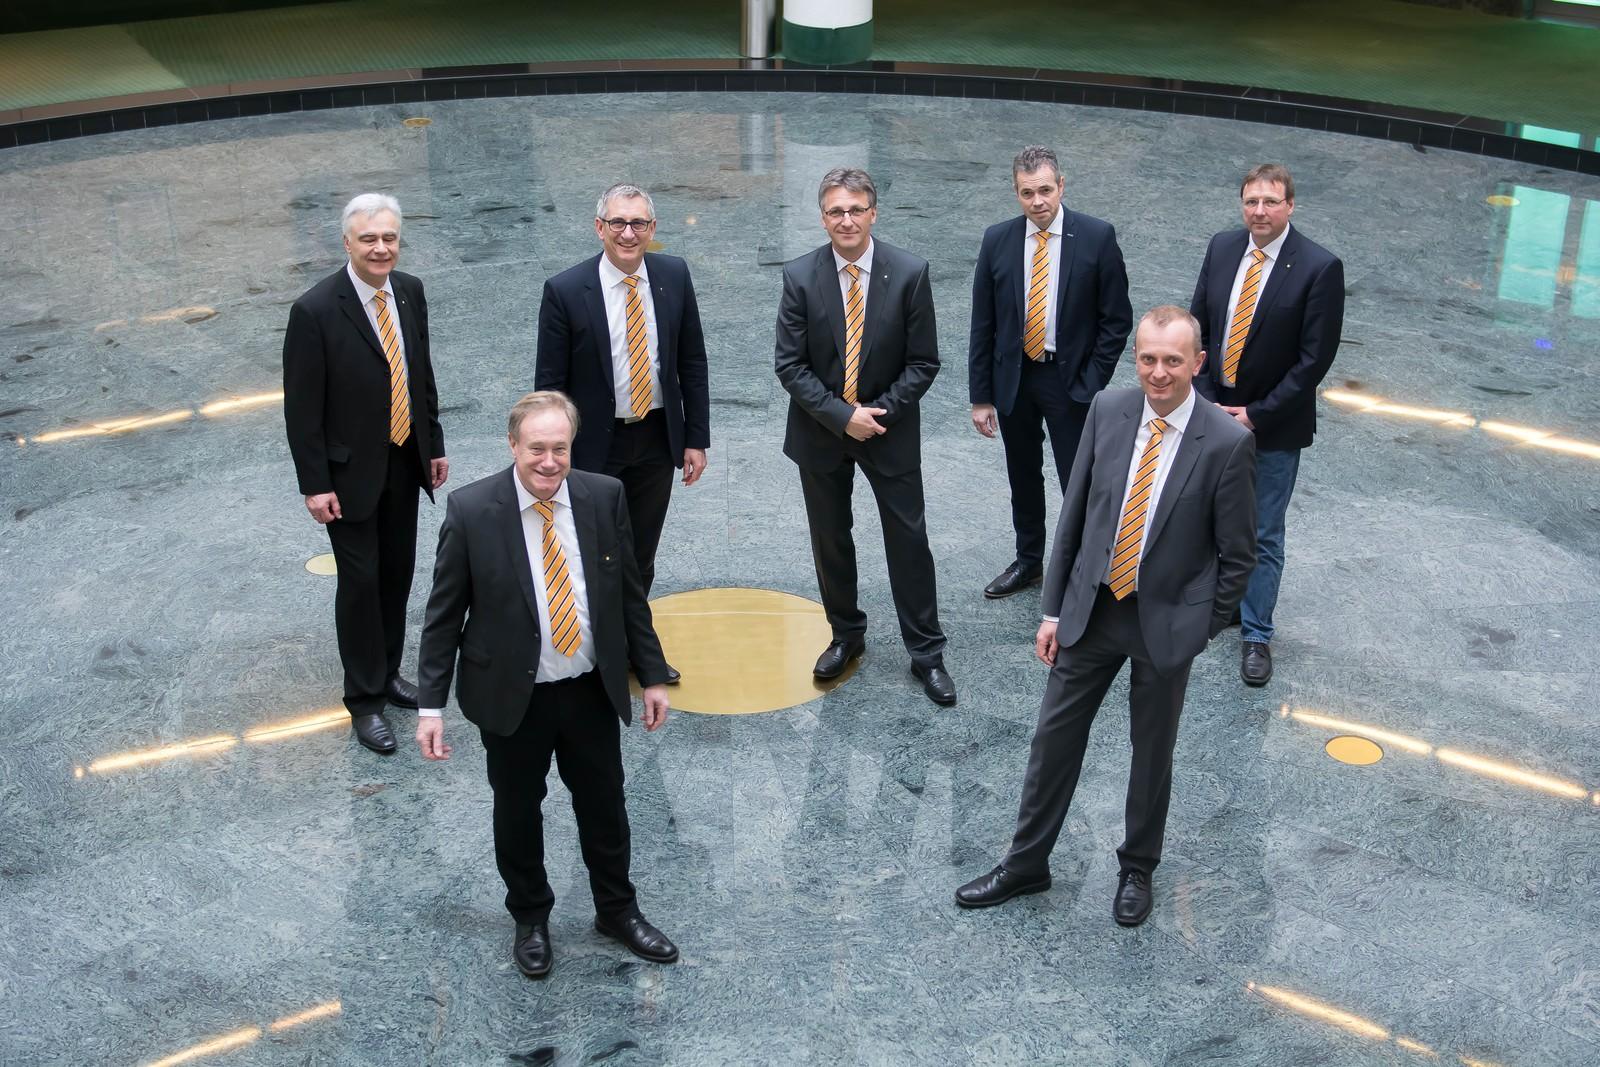 Der VDBUM-Vorstand (v.l.): Josef Andritzky, Michael Hennrich, Peter Guttenberger (Präsident), Dieter Schnittjer, Jan Scholten, Dirk Bennje (Vizepräsident), Roland Caillé.